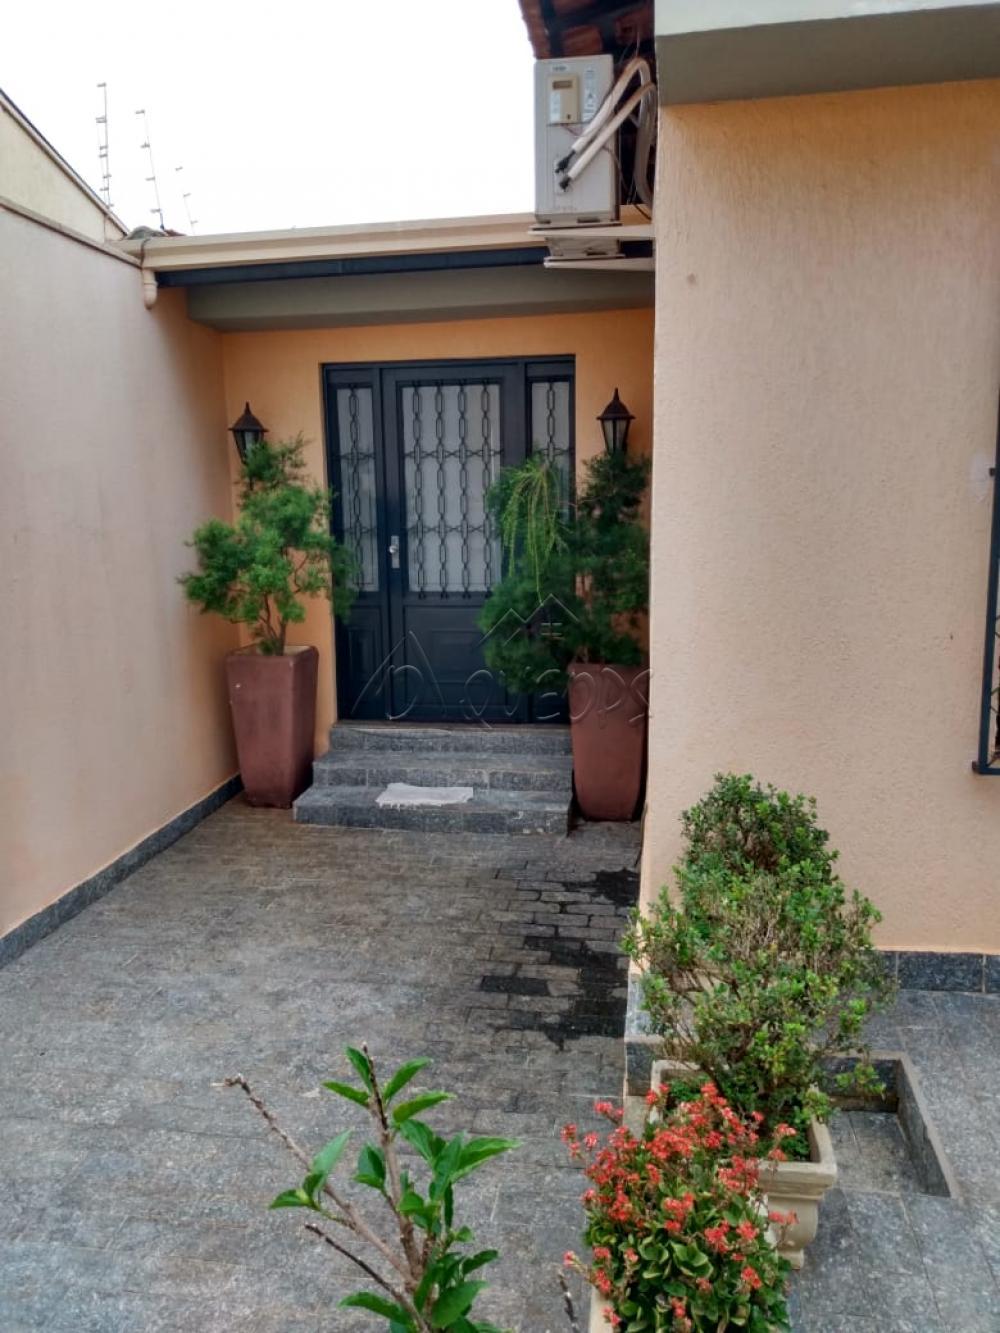 Comprar Casa / Padrão em Barretos apenas R$ 500.000,00 - Foto 3